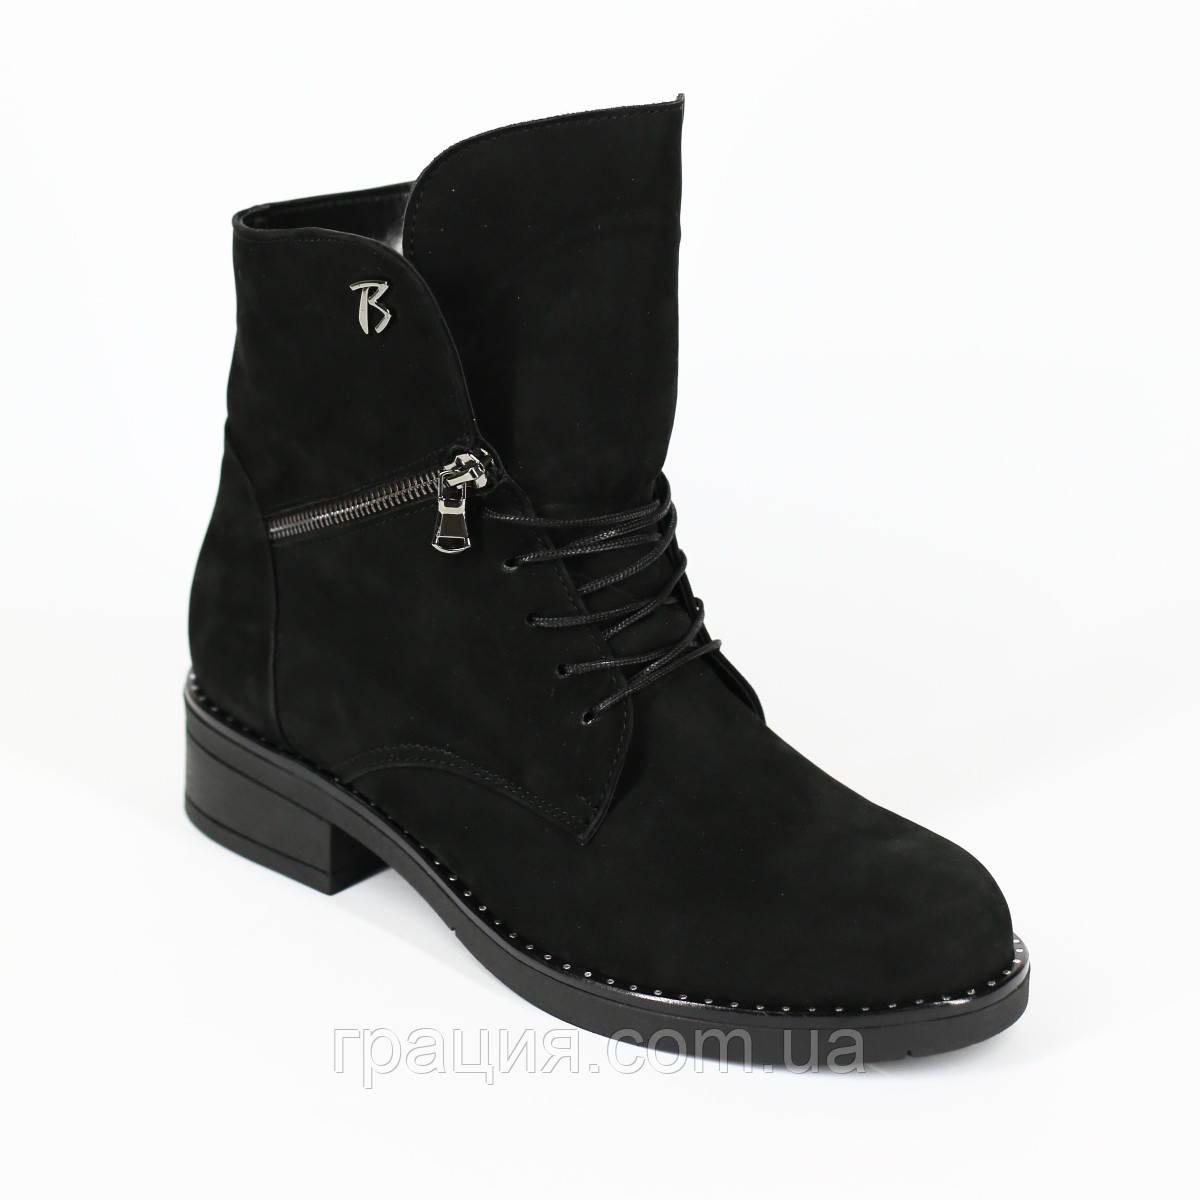 Стильные молодежные зимние ботинки замшевые